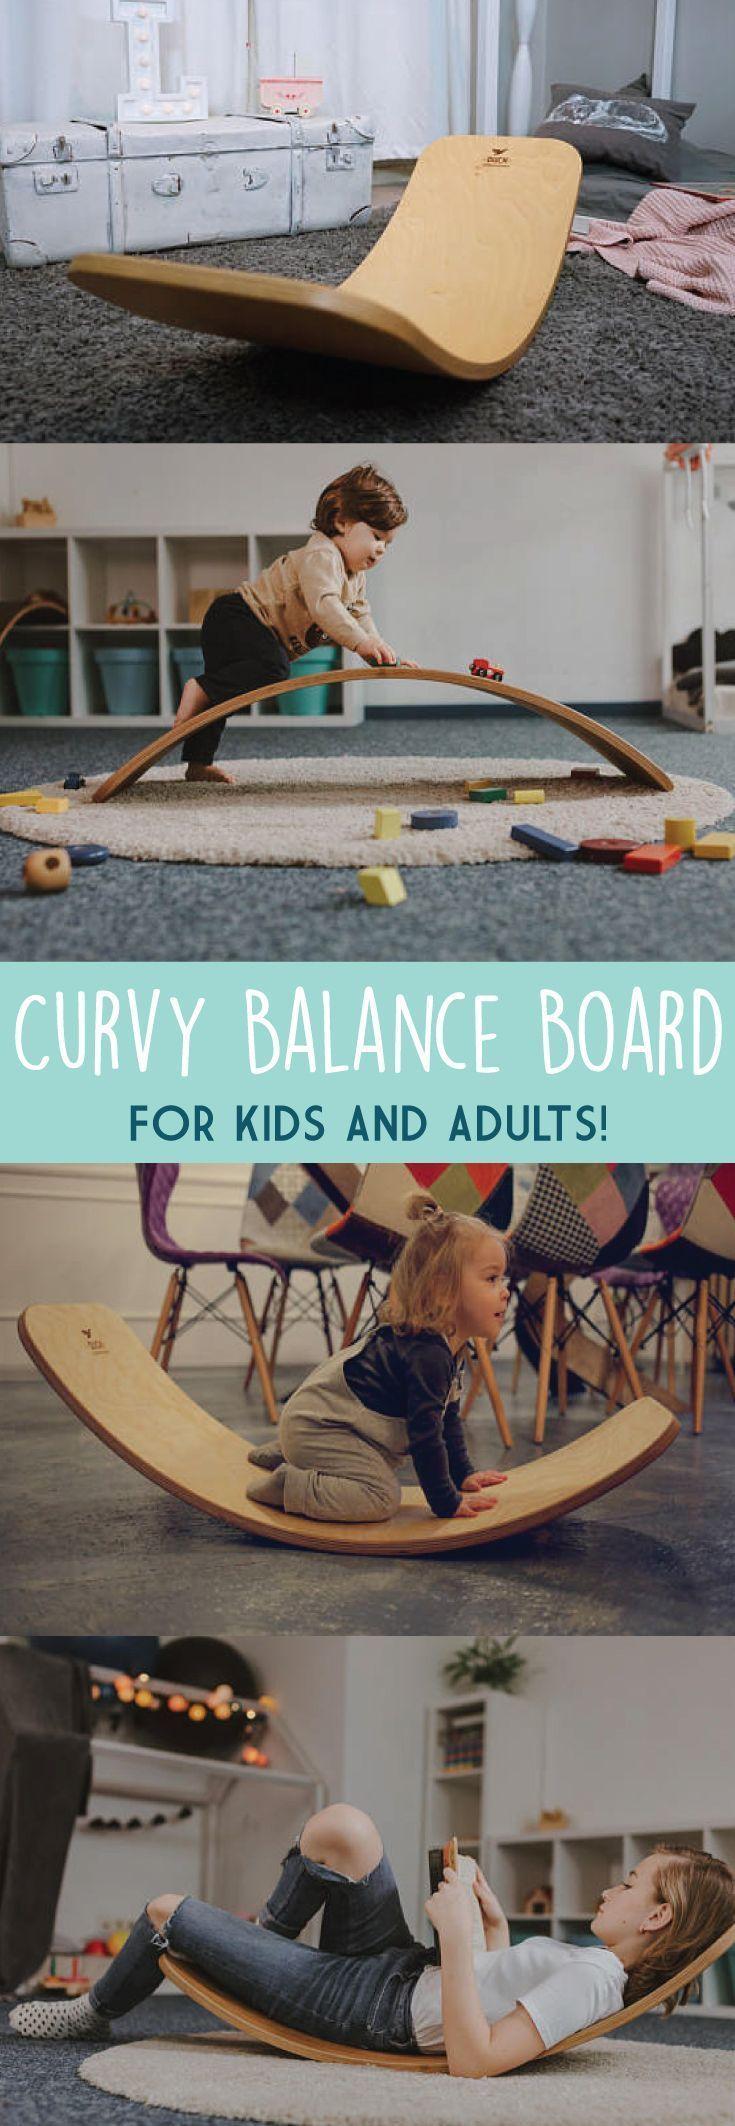 Balance Board, Montessori-Spielzeug, Geburtstagsgeschenk, Weihnachtsgeschenk, Geschenk für Kind, Waldorf-Spielzeug, Holzbrett, Montessori, Holzspielzeug